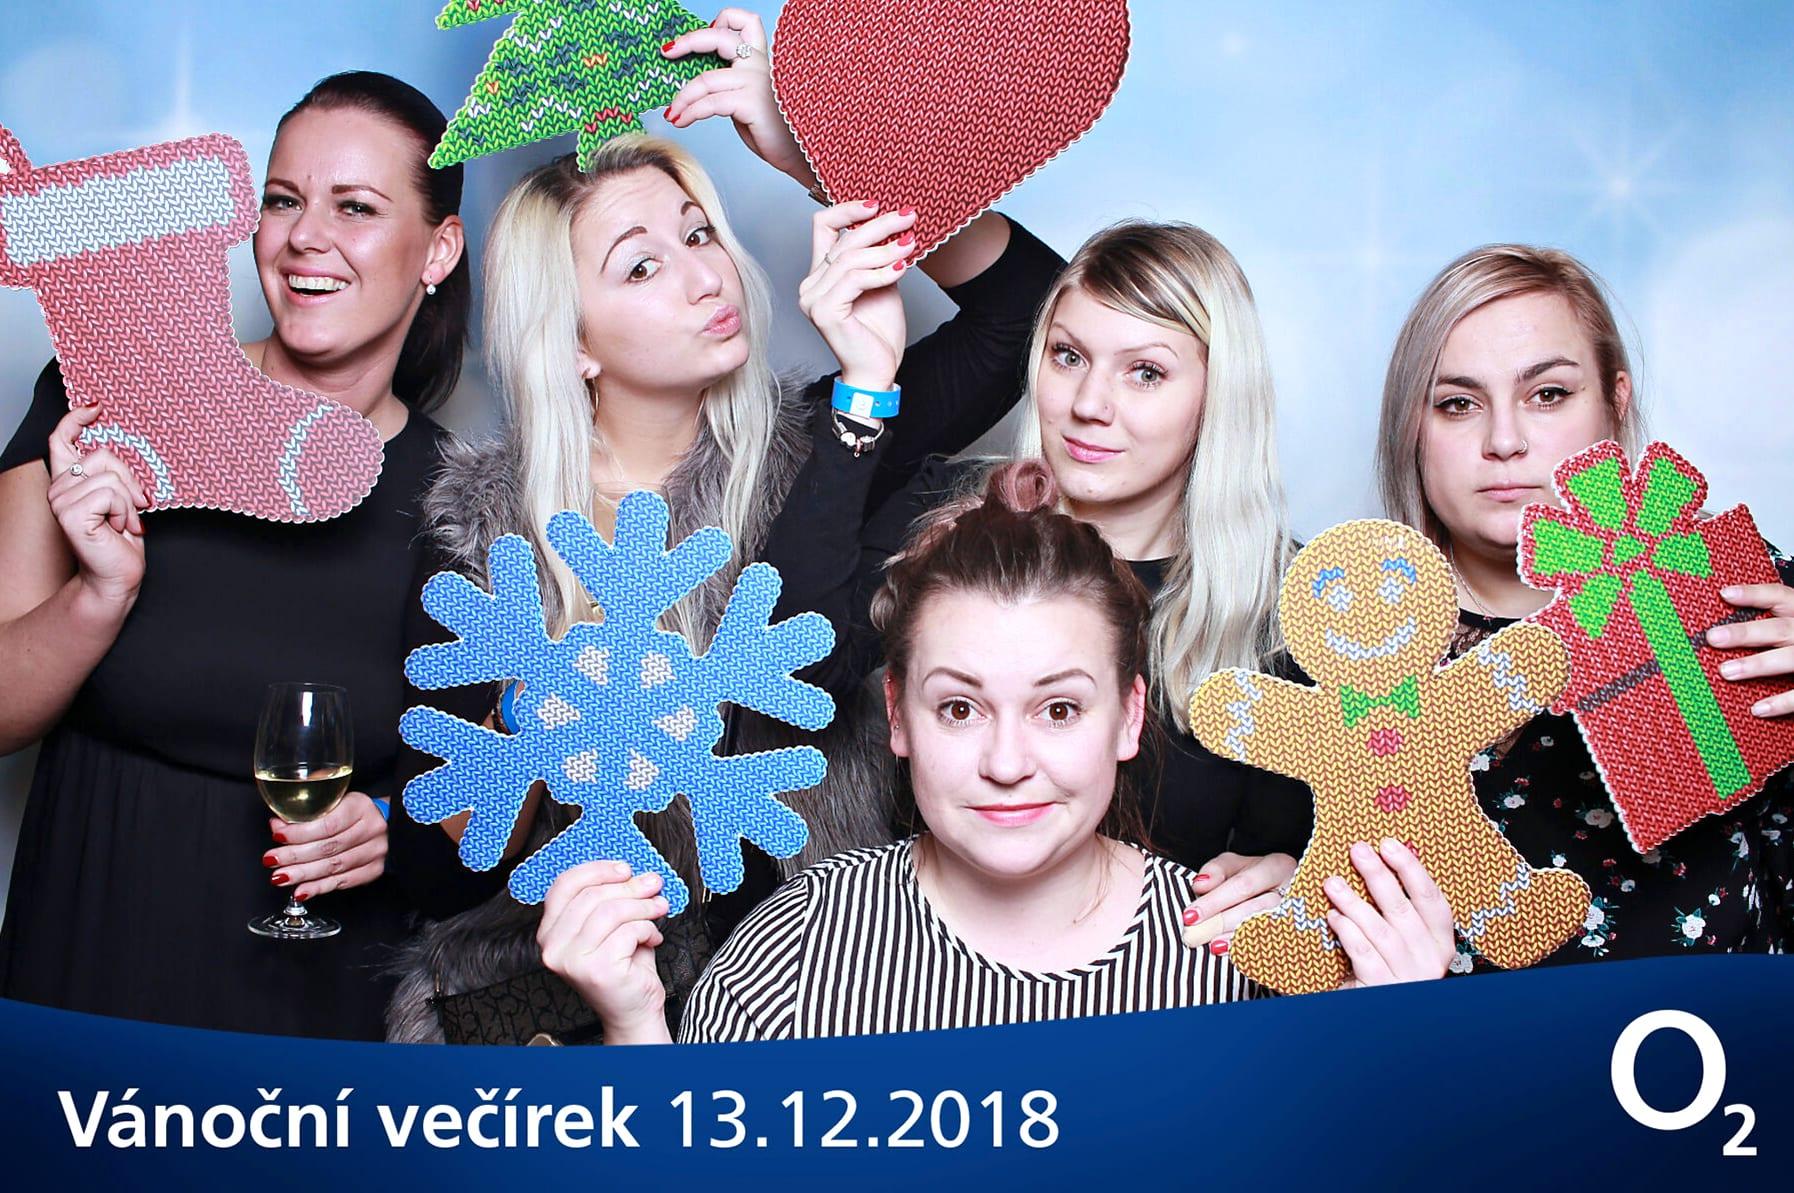 fotokoutek-praha-vanocni-vecirek-02-vanocni-vecirek-13-12-2018-543682